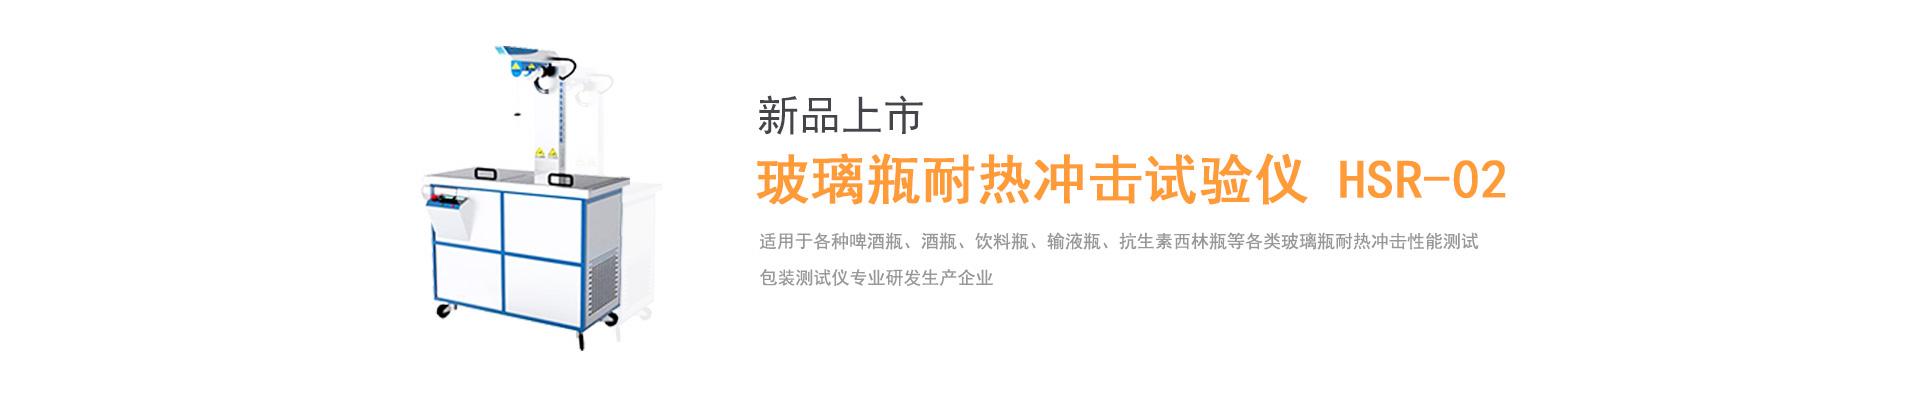 济南赛成电子科技有限公司